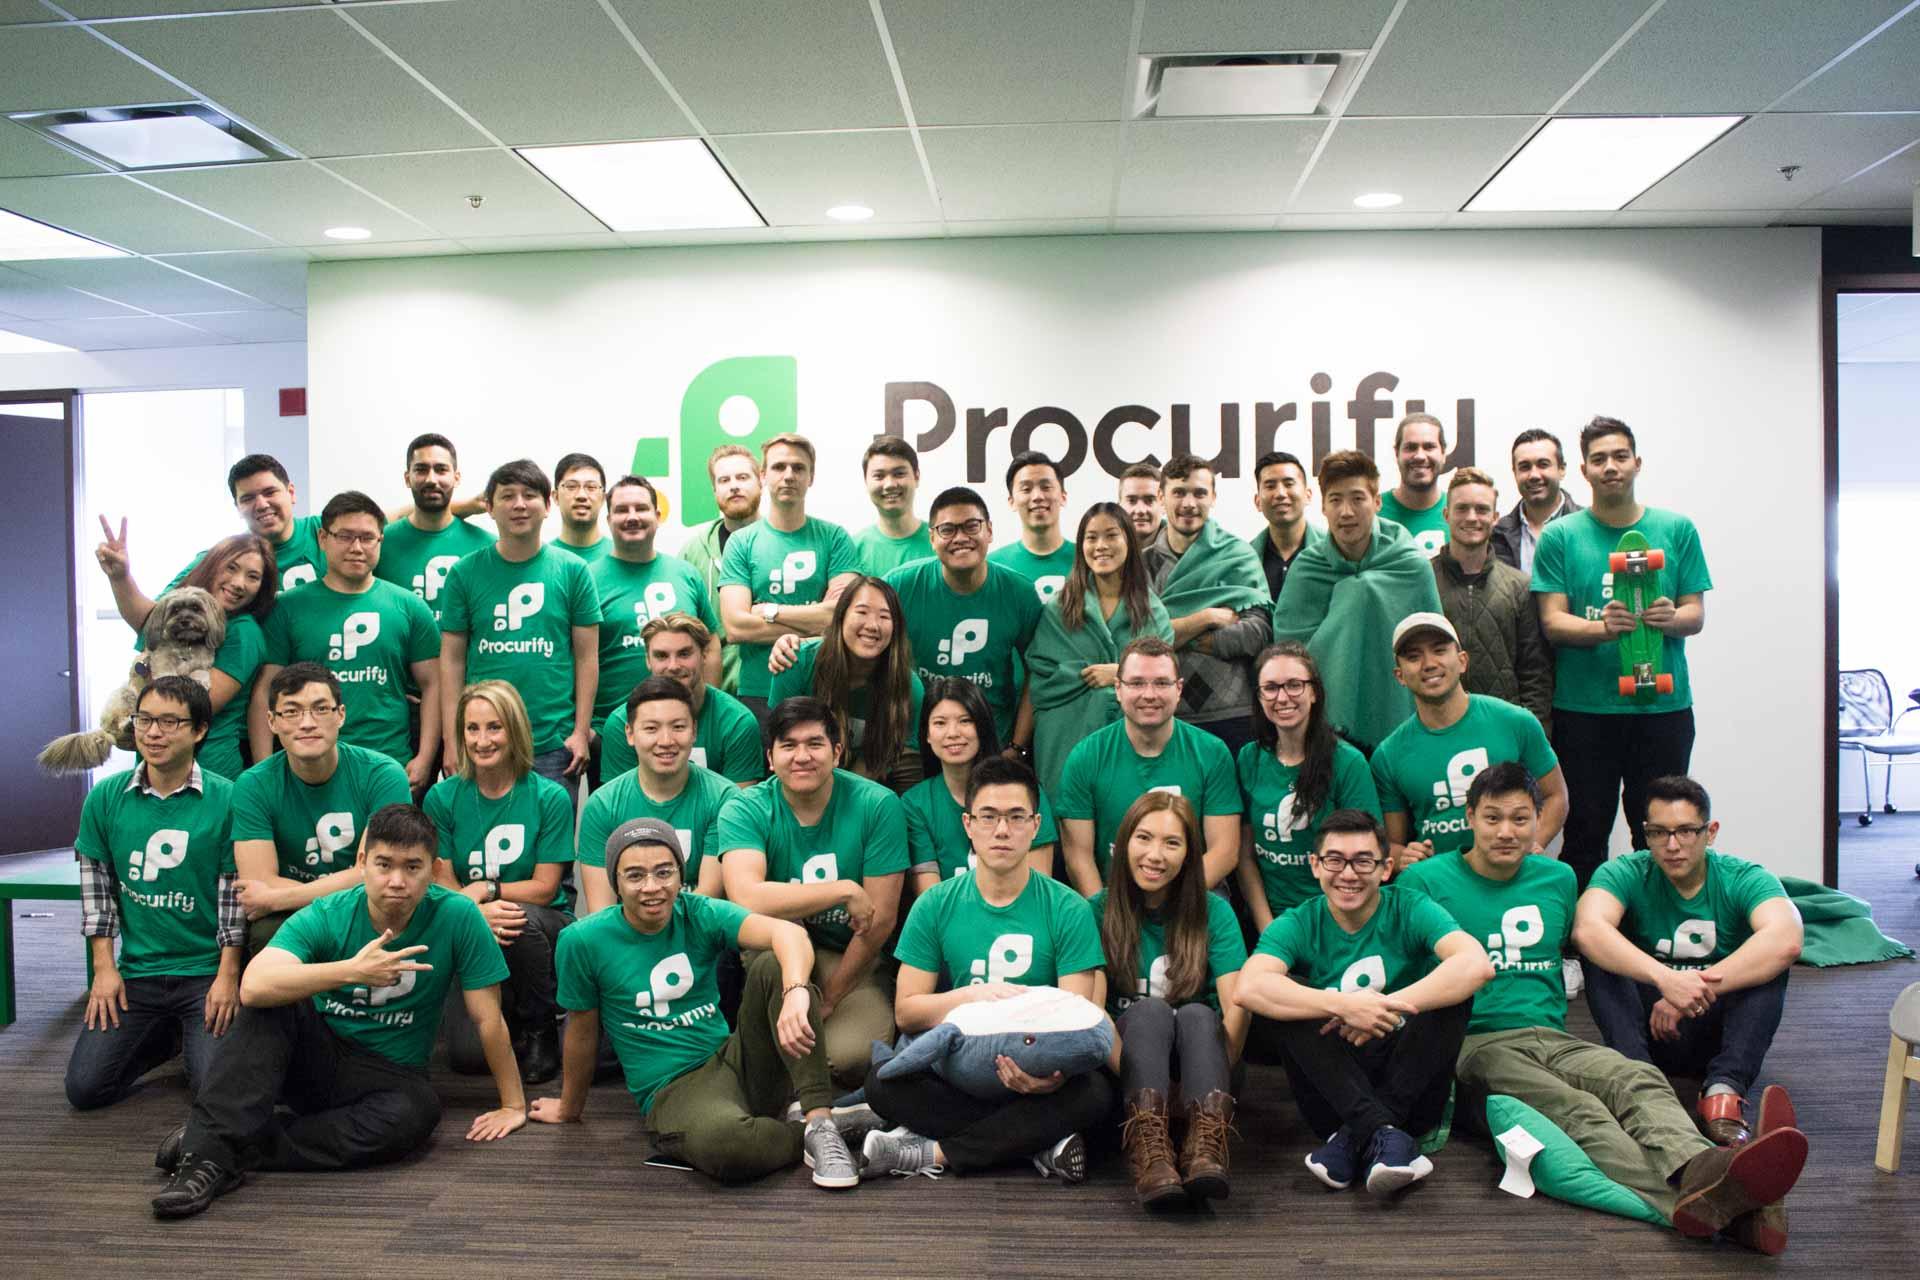 procurify-team-photo